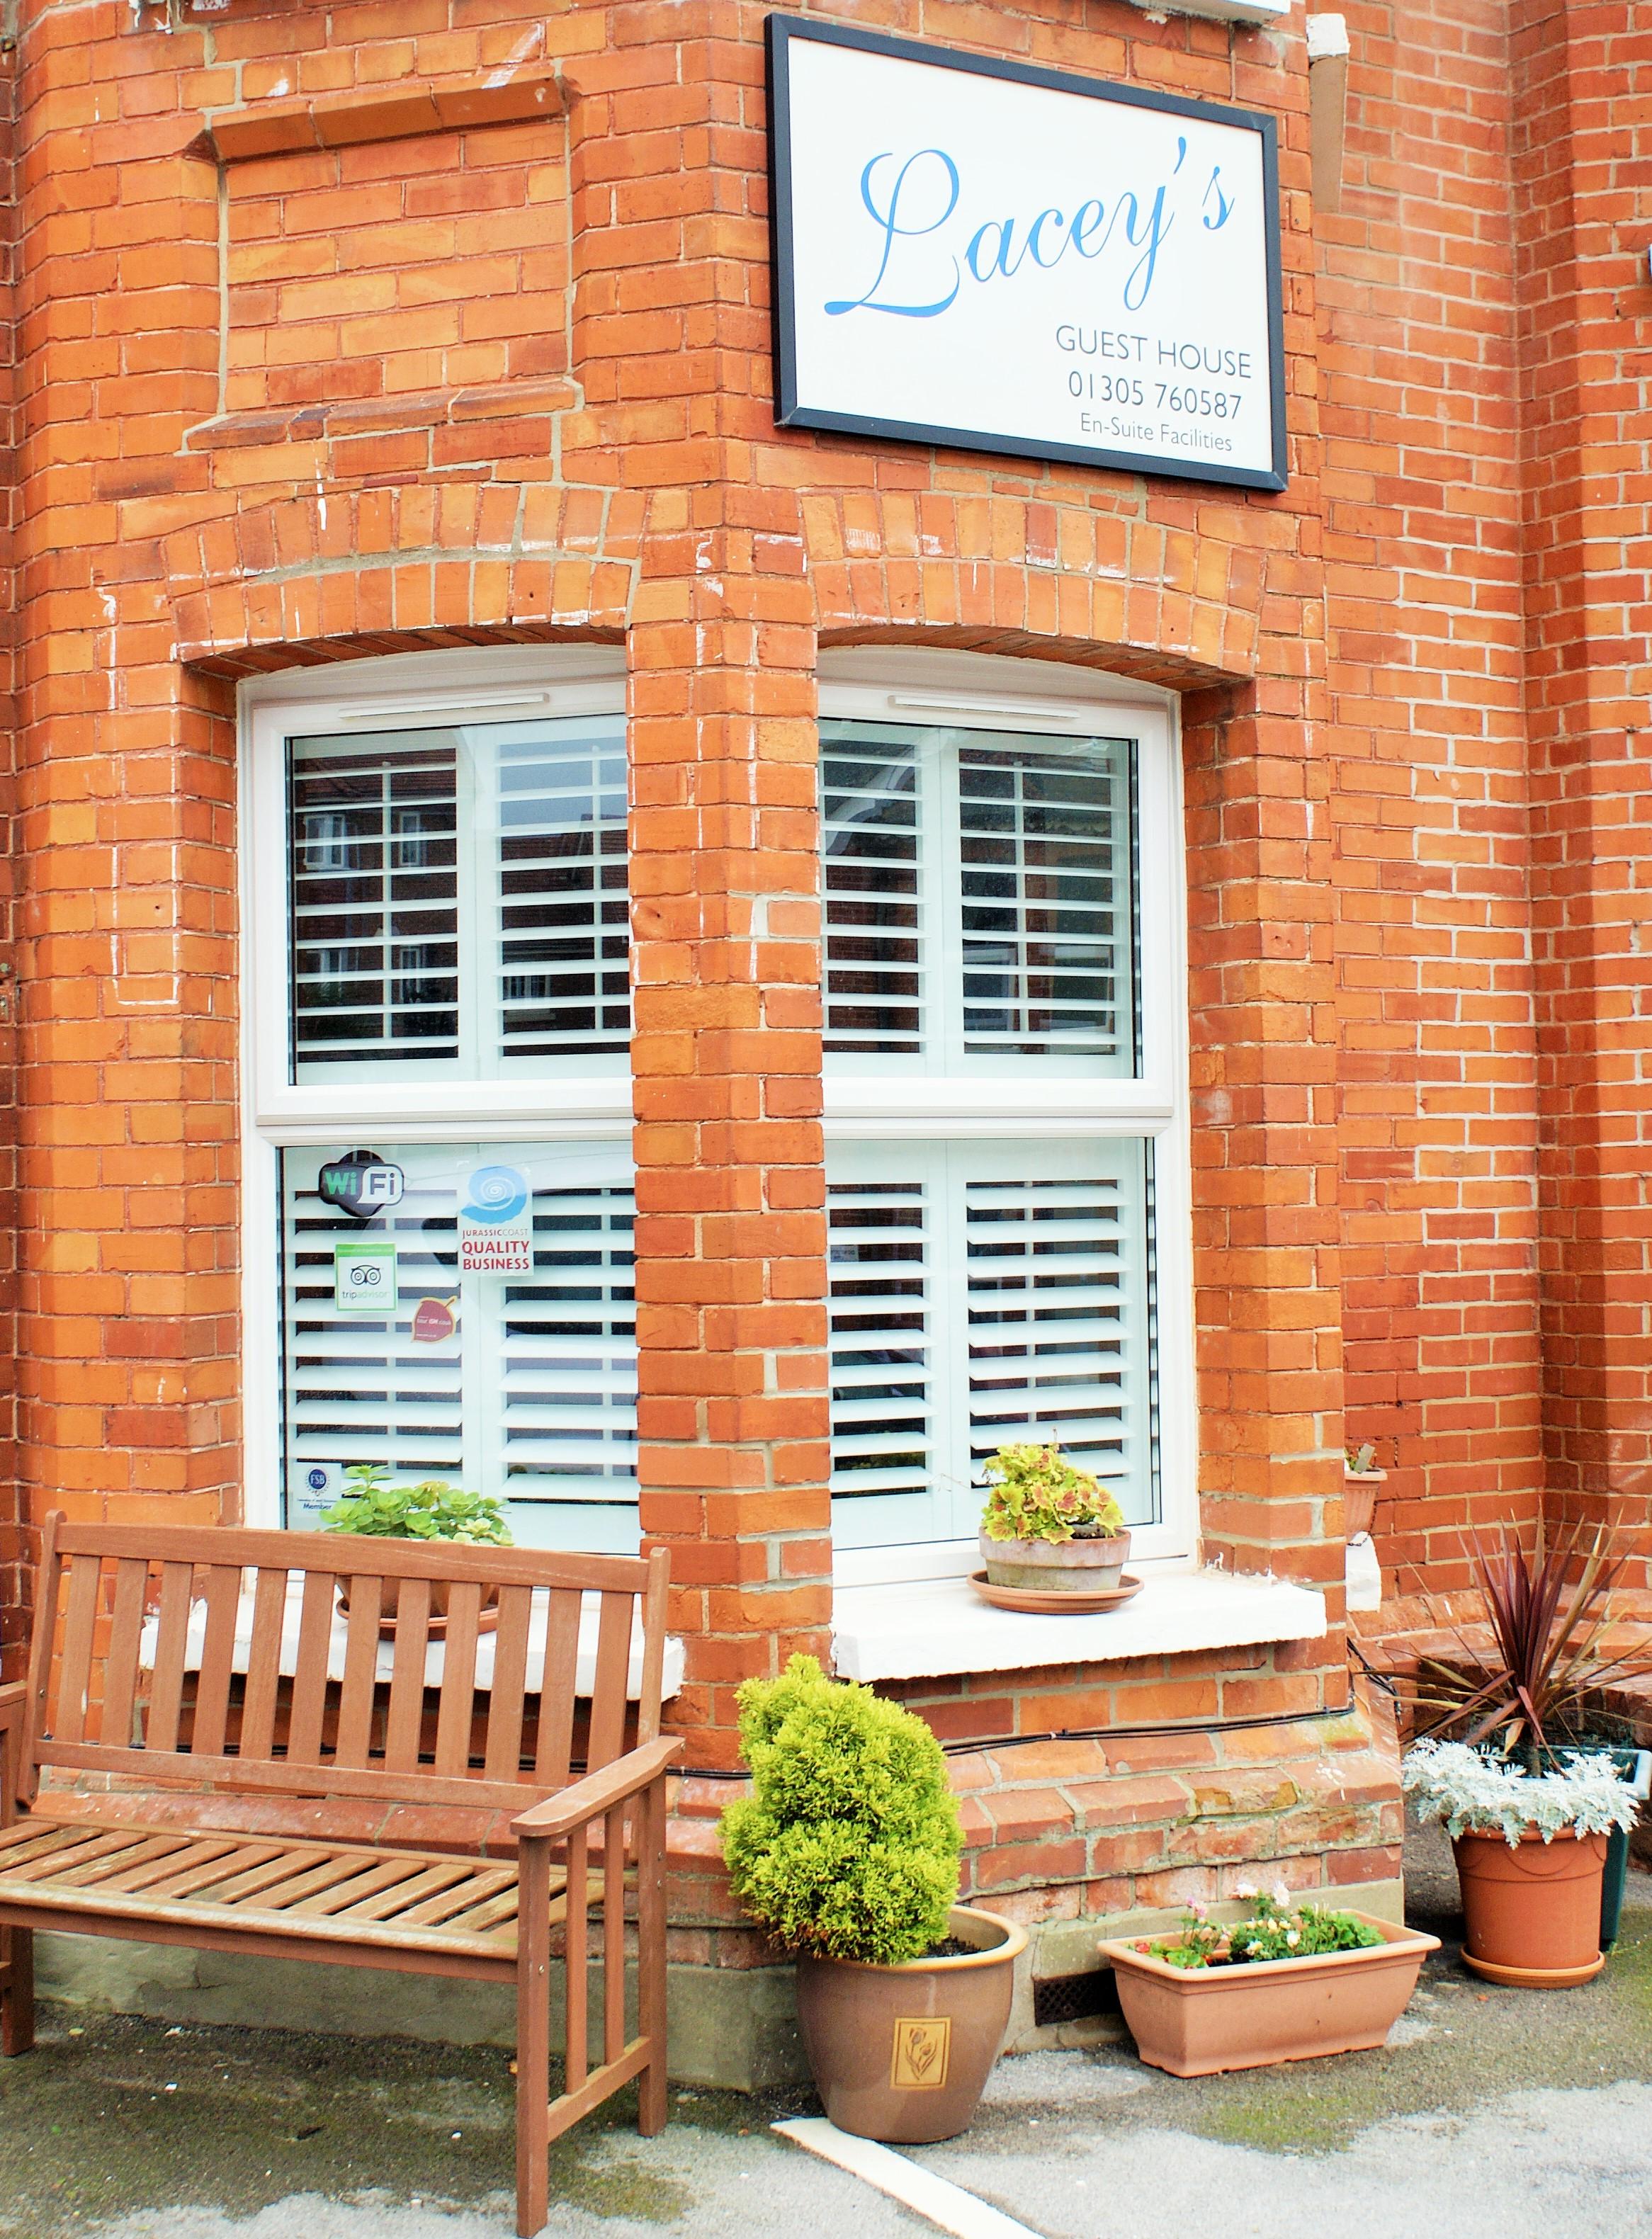 tier-on-tier-bay-window-shutters-street-view-£1195.JPG